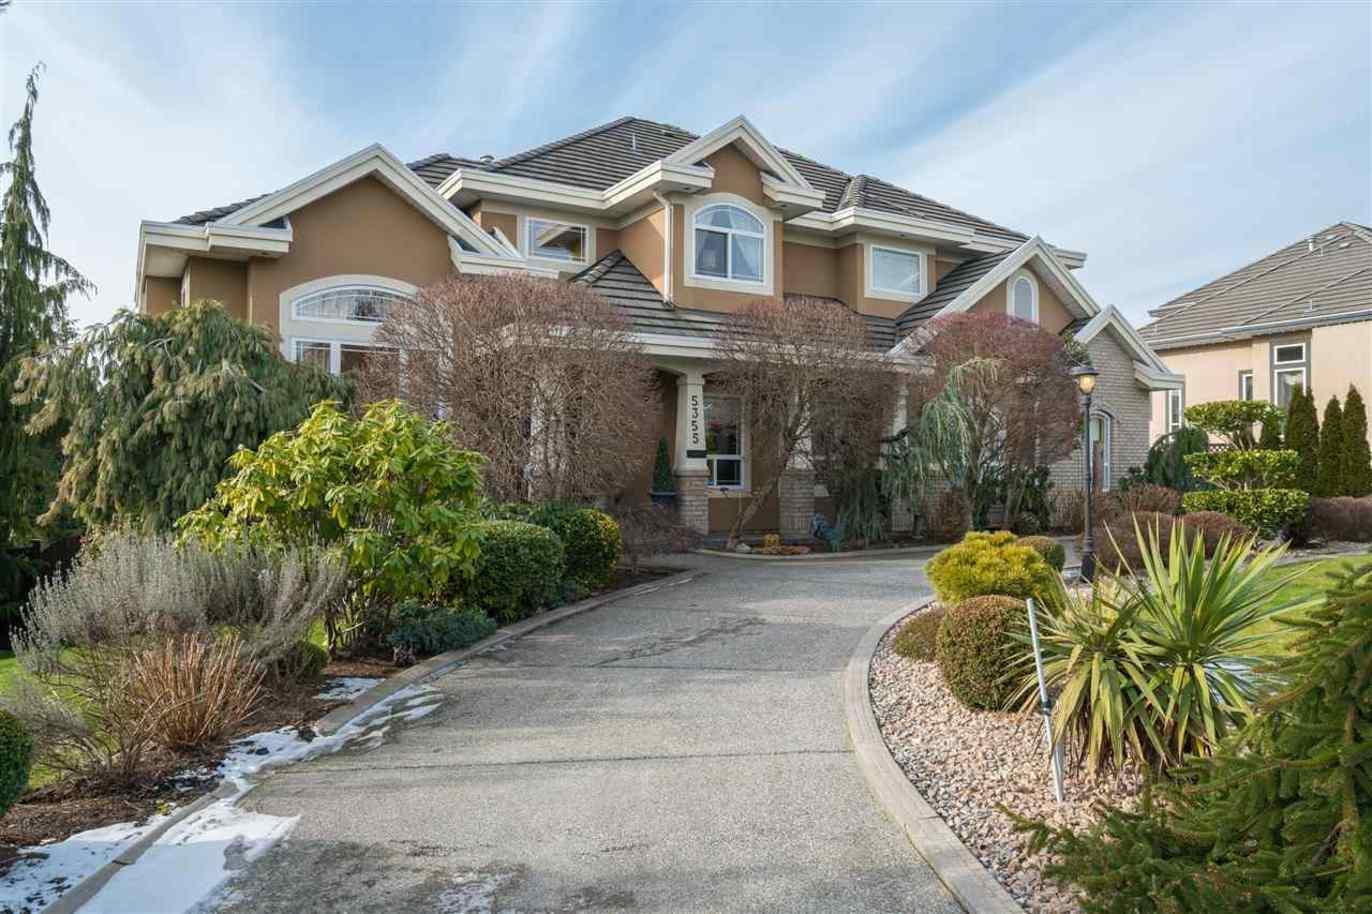 5355-186a-street-cloverdale-bc-cloverdale-02 at 5355 186a Street, Cloverdale BC, Cloverdale